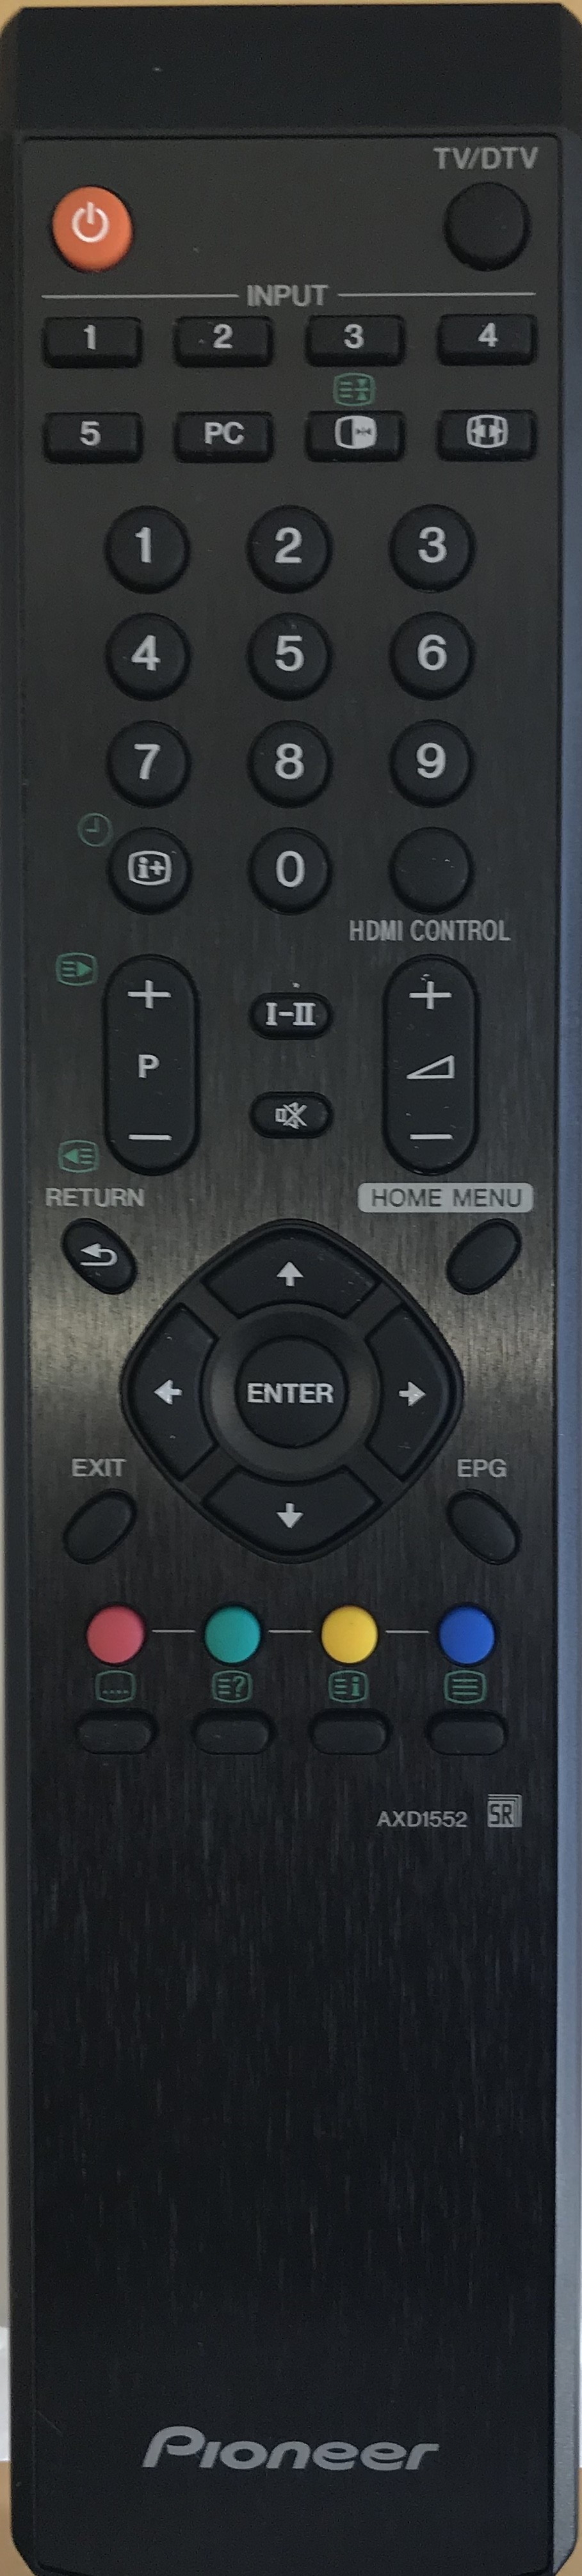 PIONEER AXD1552 Remote Control Original